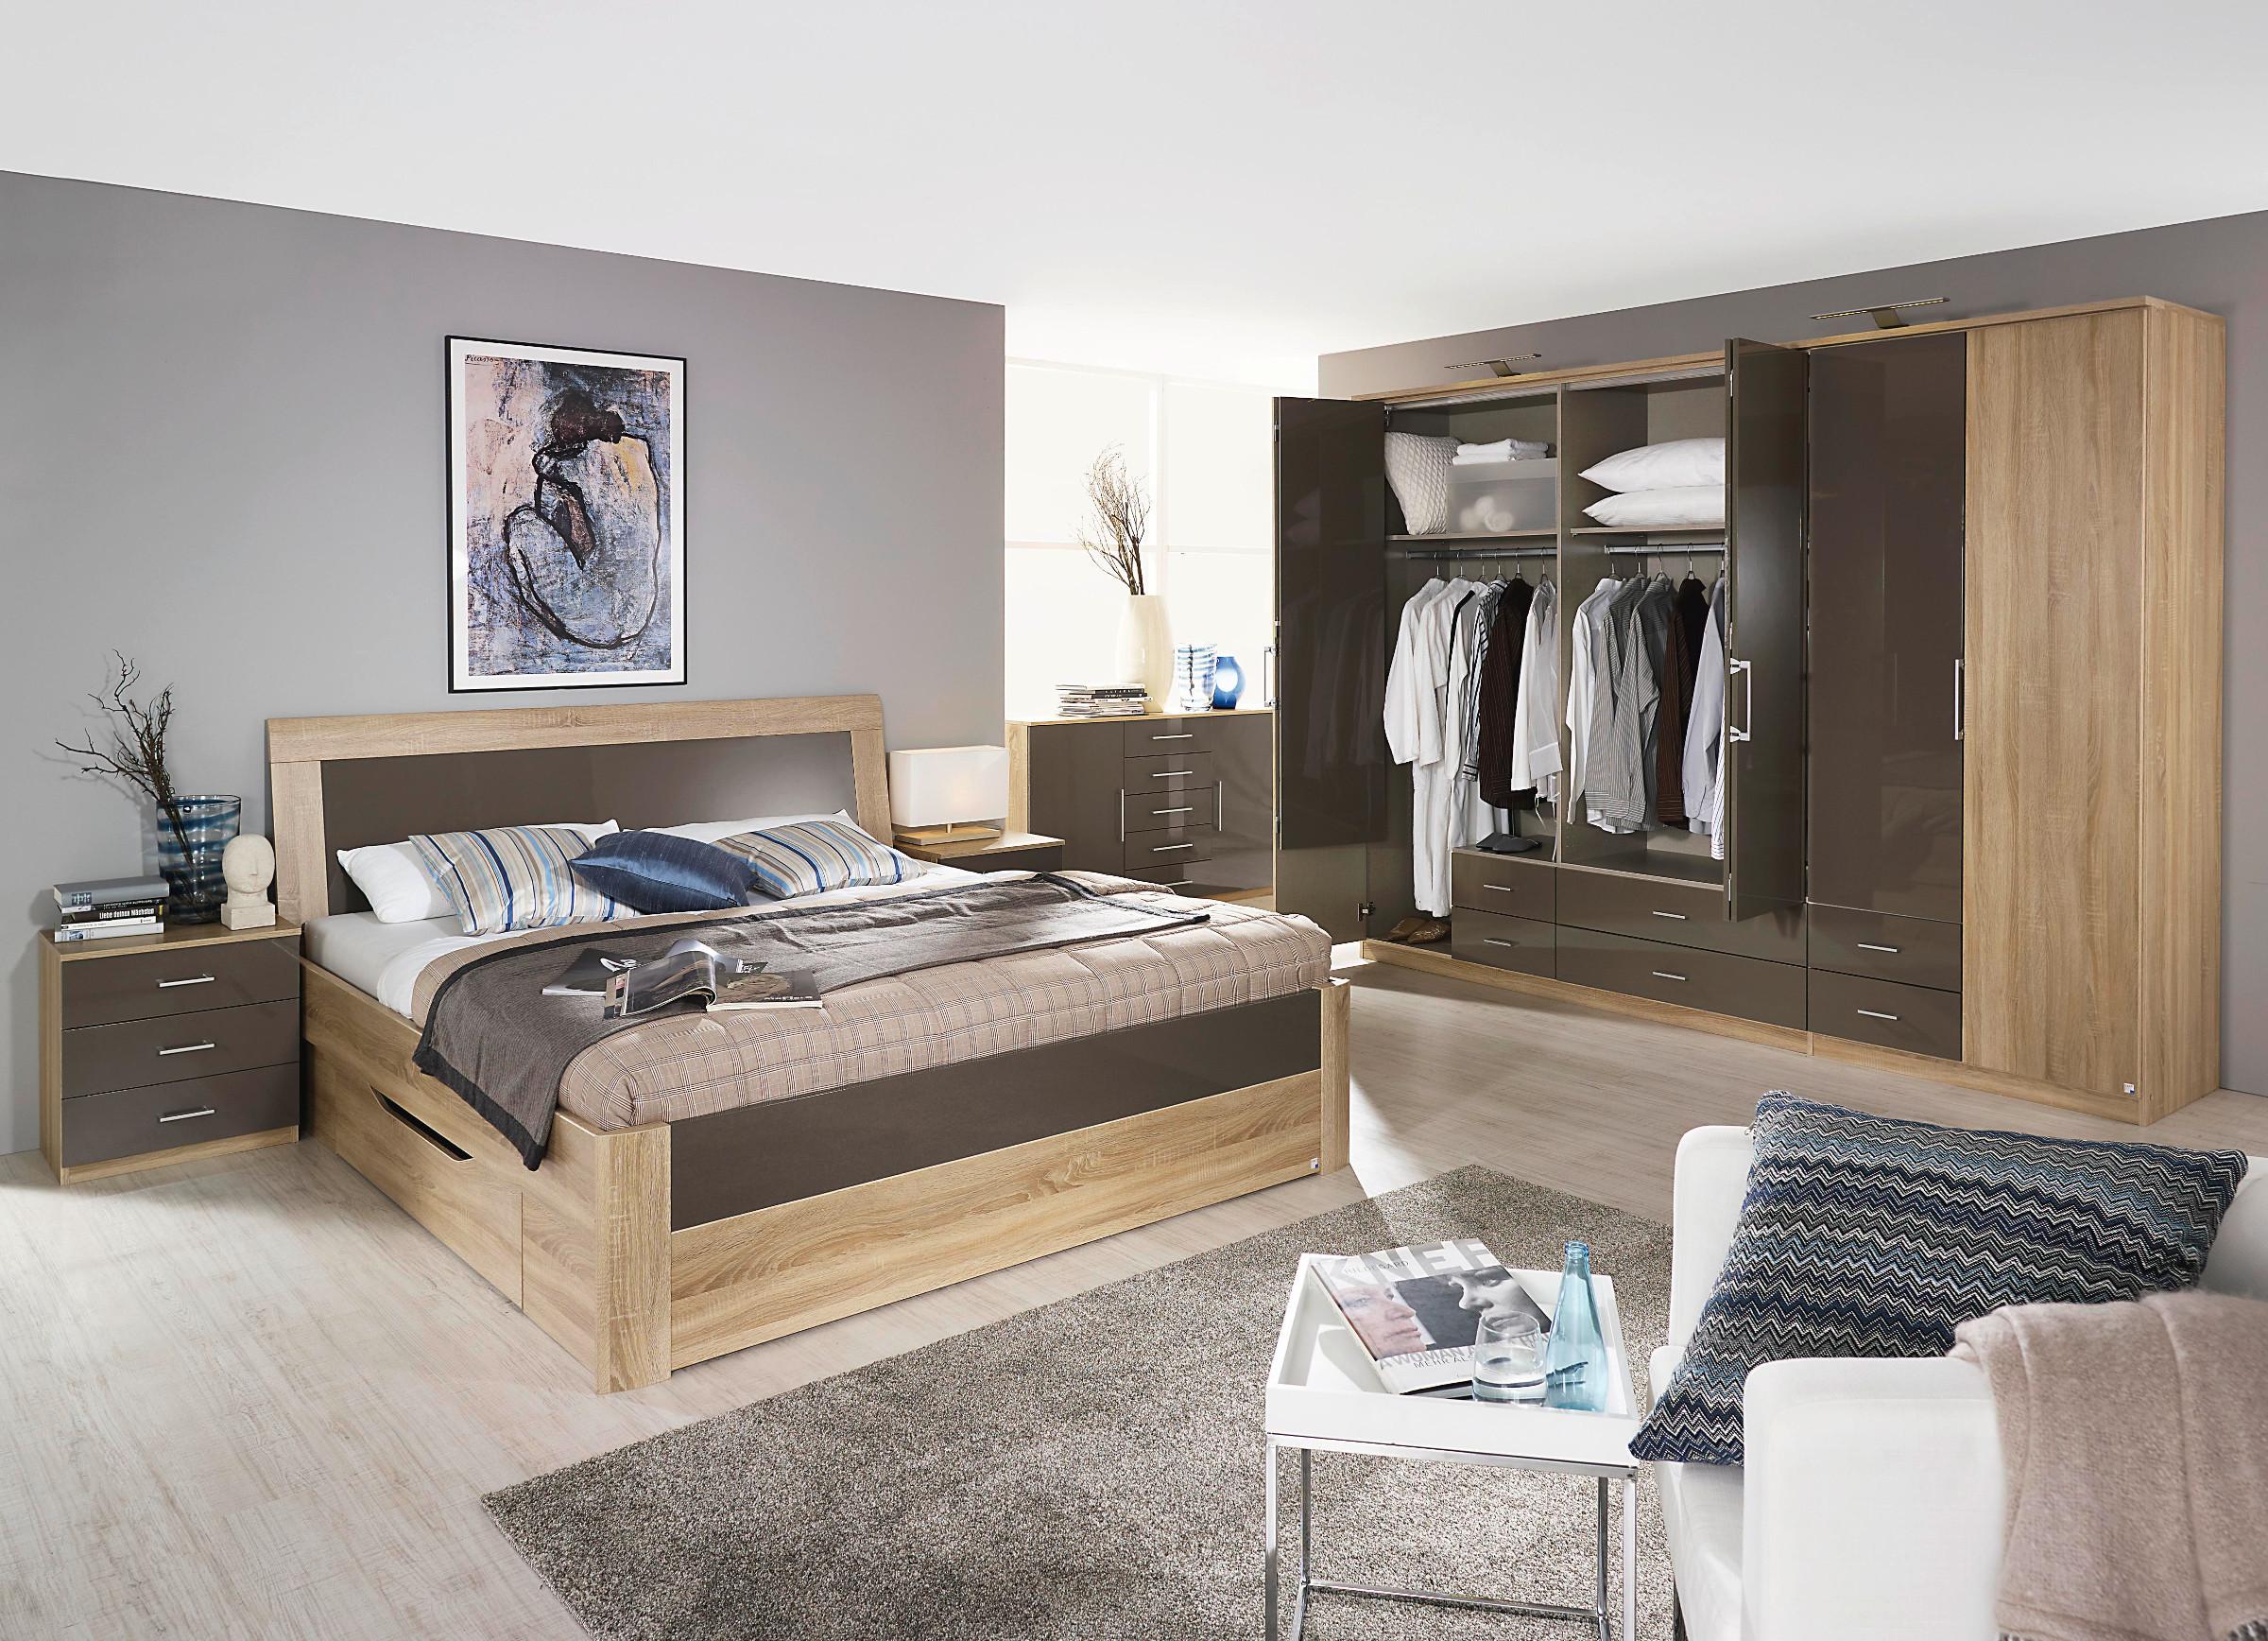 rauch schlafzimmer komplettangebot arona hochglanz ebay. Black Bedroom Furniture Sets. Home Design Ideas